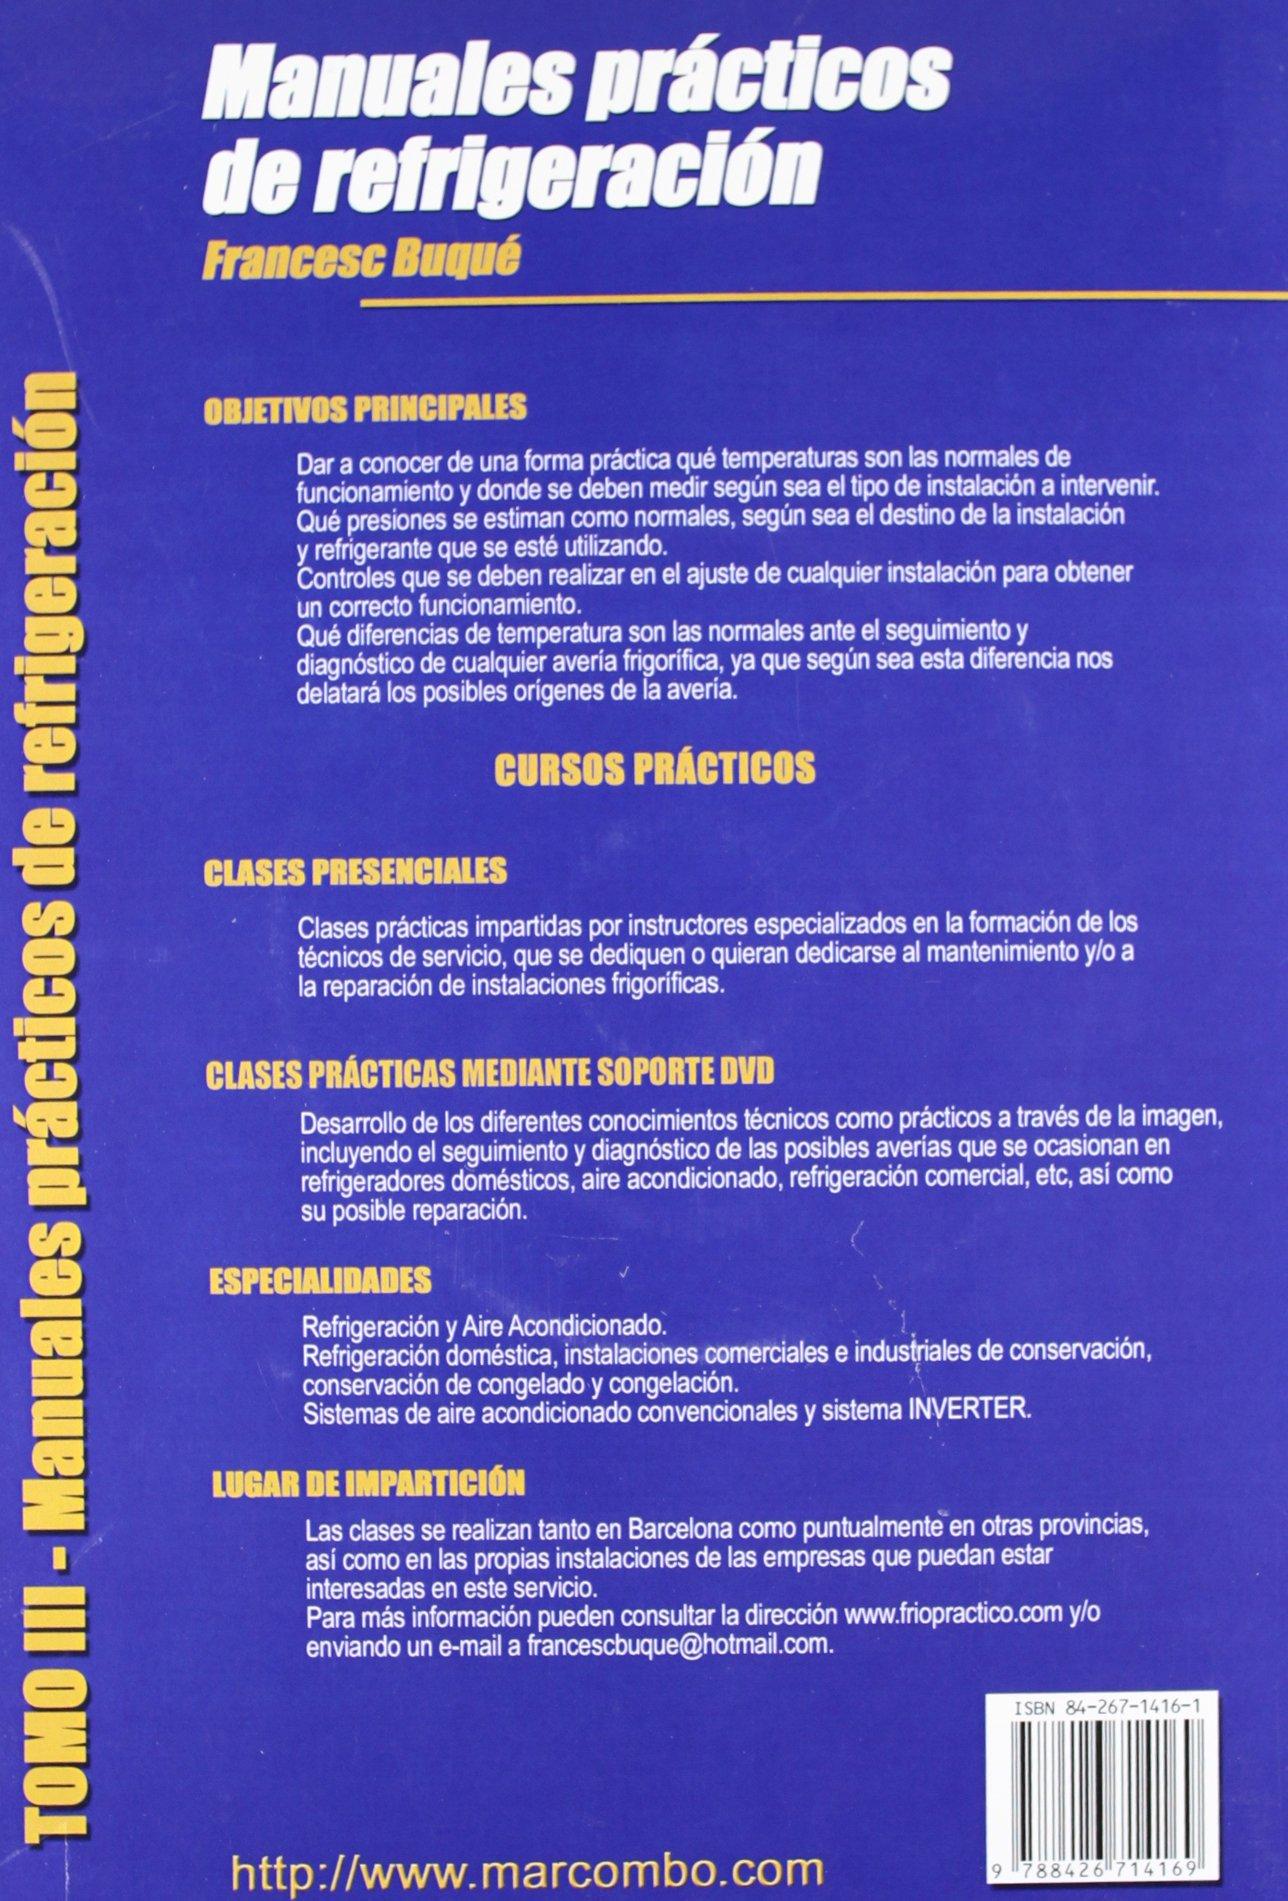 Amazon.com: Manuales Practicos Refrigeracion Tomo 3 (Dvd ...